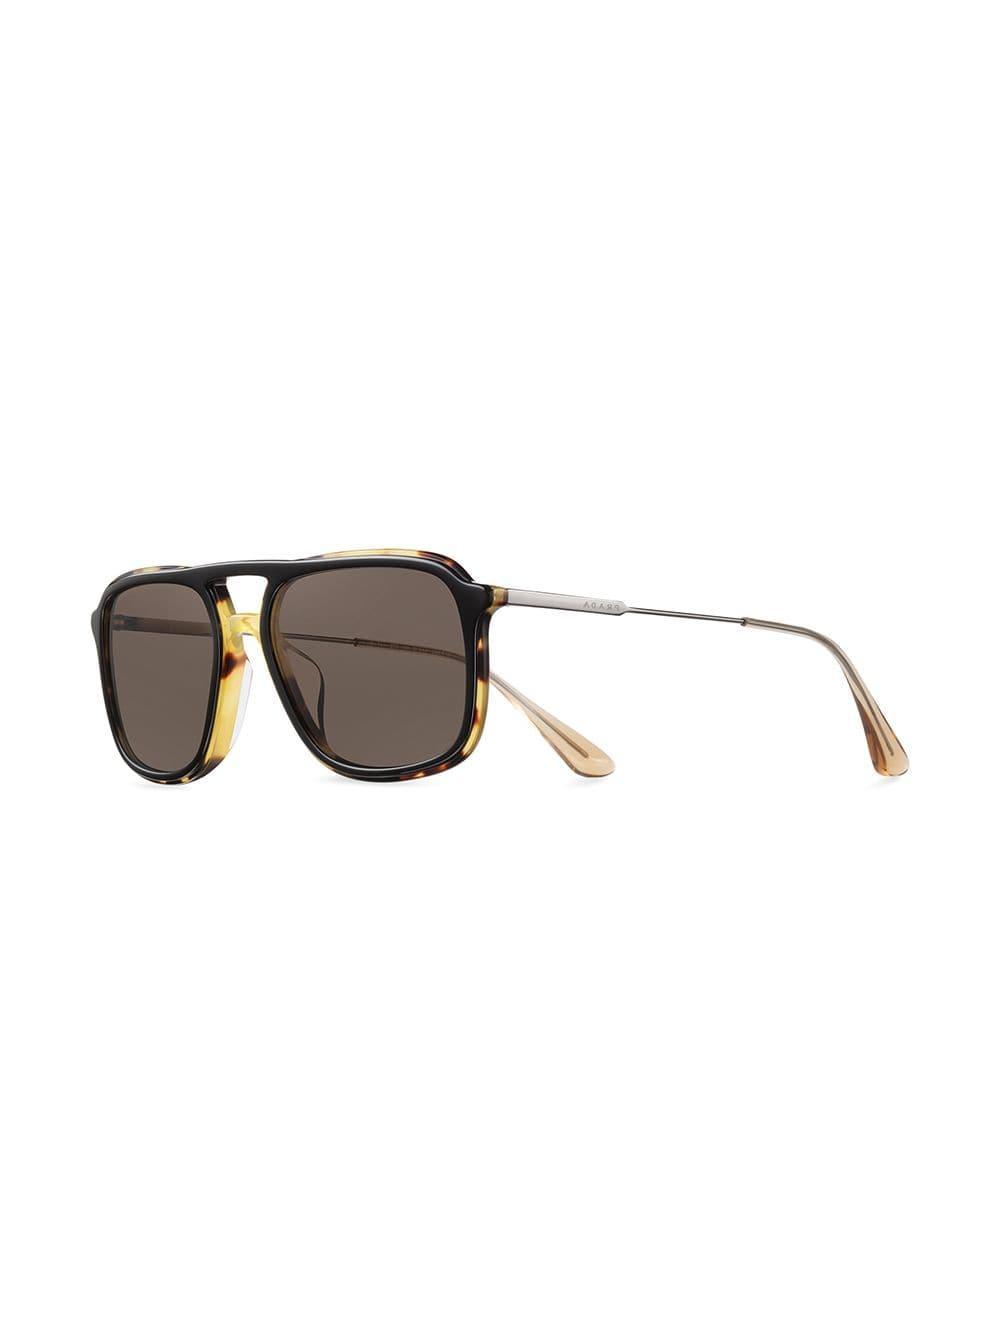 124c540800c8 Lyst - Prada Oversized Tortoiseshell Sunglasses in Black for Men